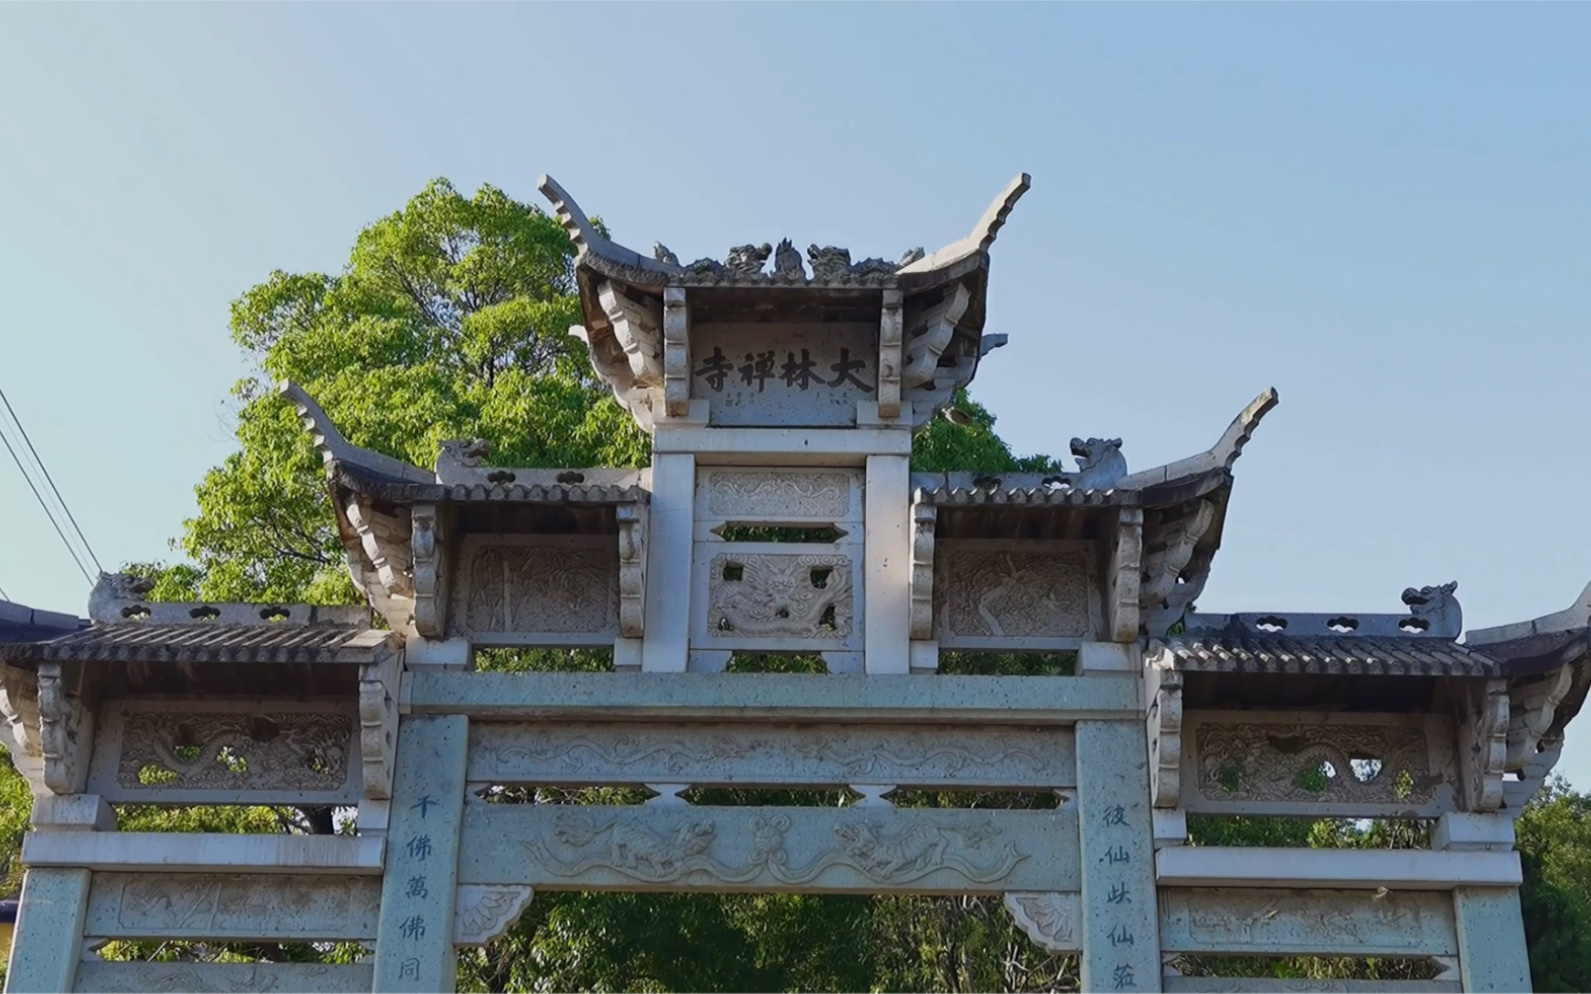 南朝四百八十寺之千年古刹大林禅寺—-发现常州之寺庙篇